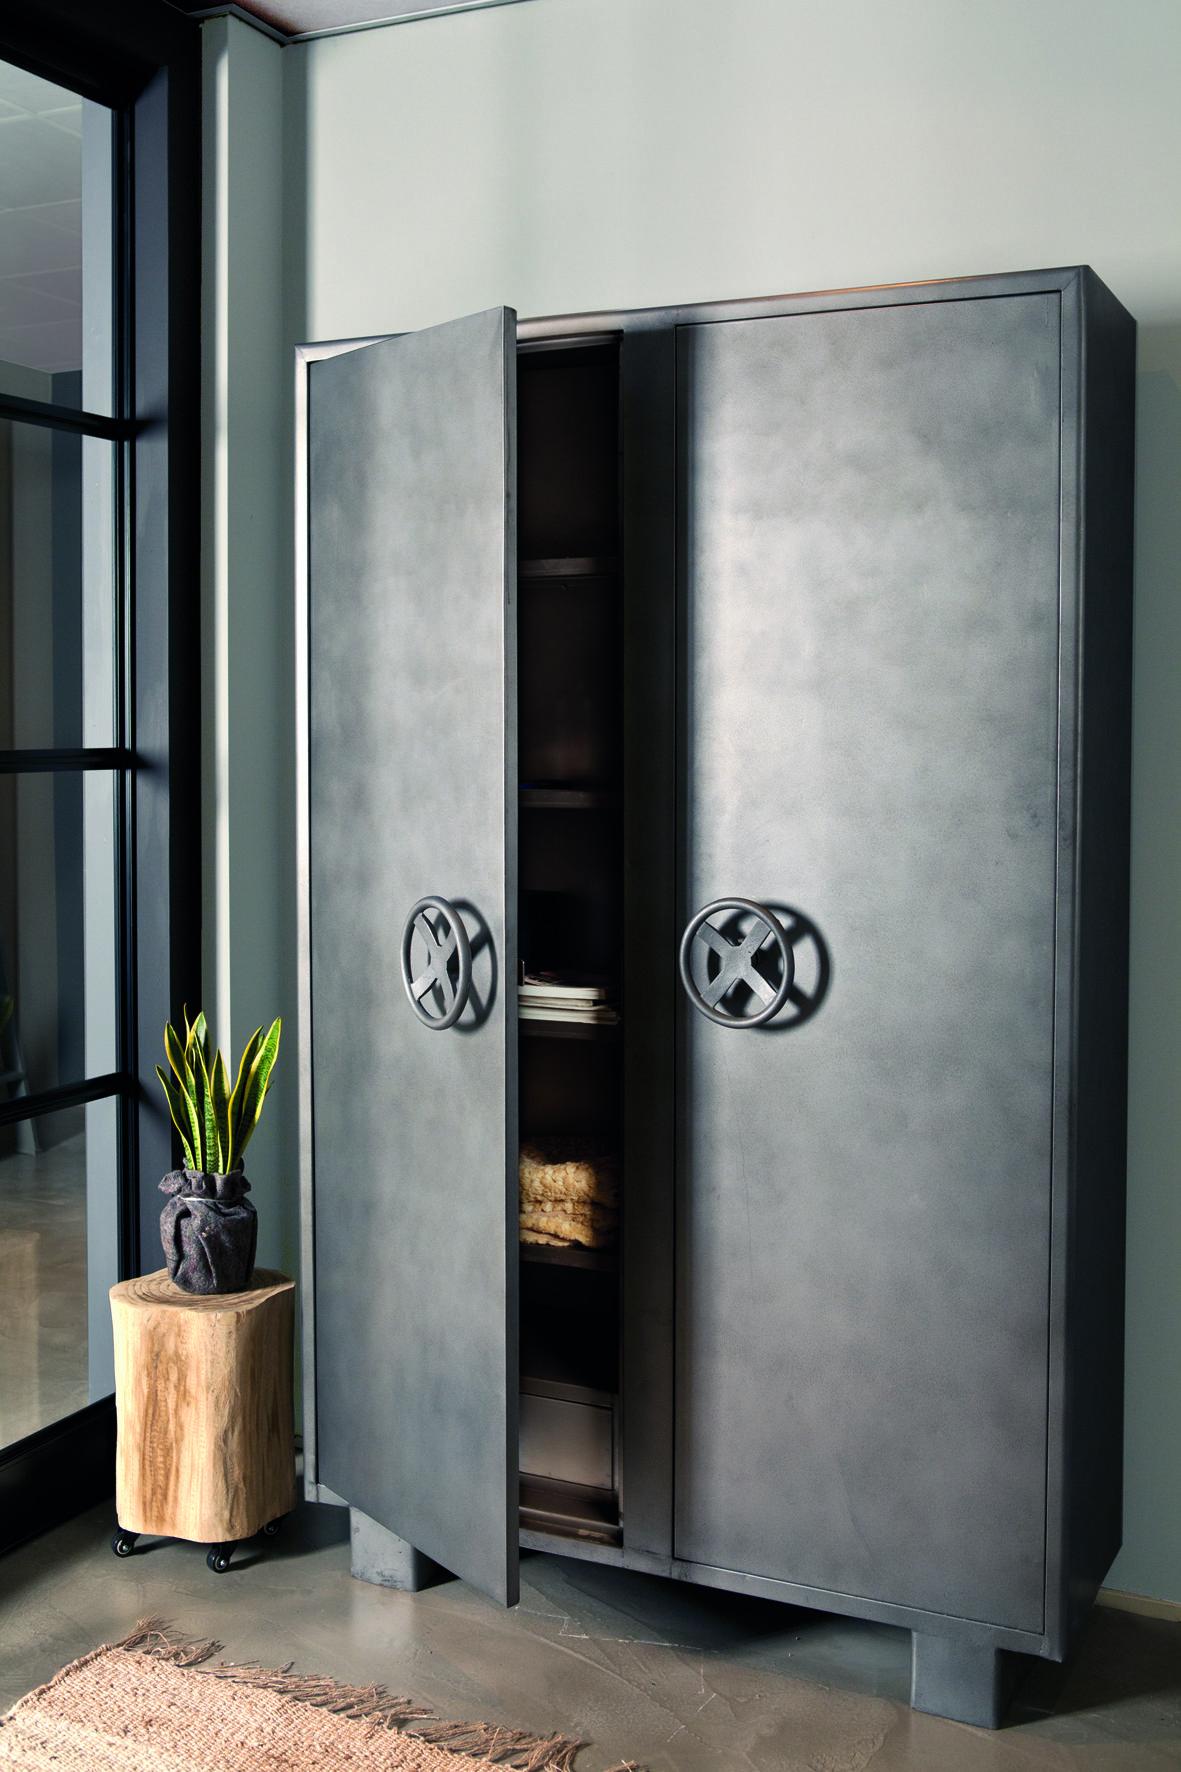 Einfache Dekoration Und Mobel Individuelle Schraenke Made In Germany 2 #20: Richhome-Onlineshop Für Landhausstil Möbel, Designermöbel U0026 Mehr